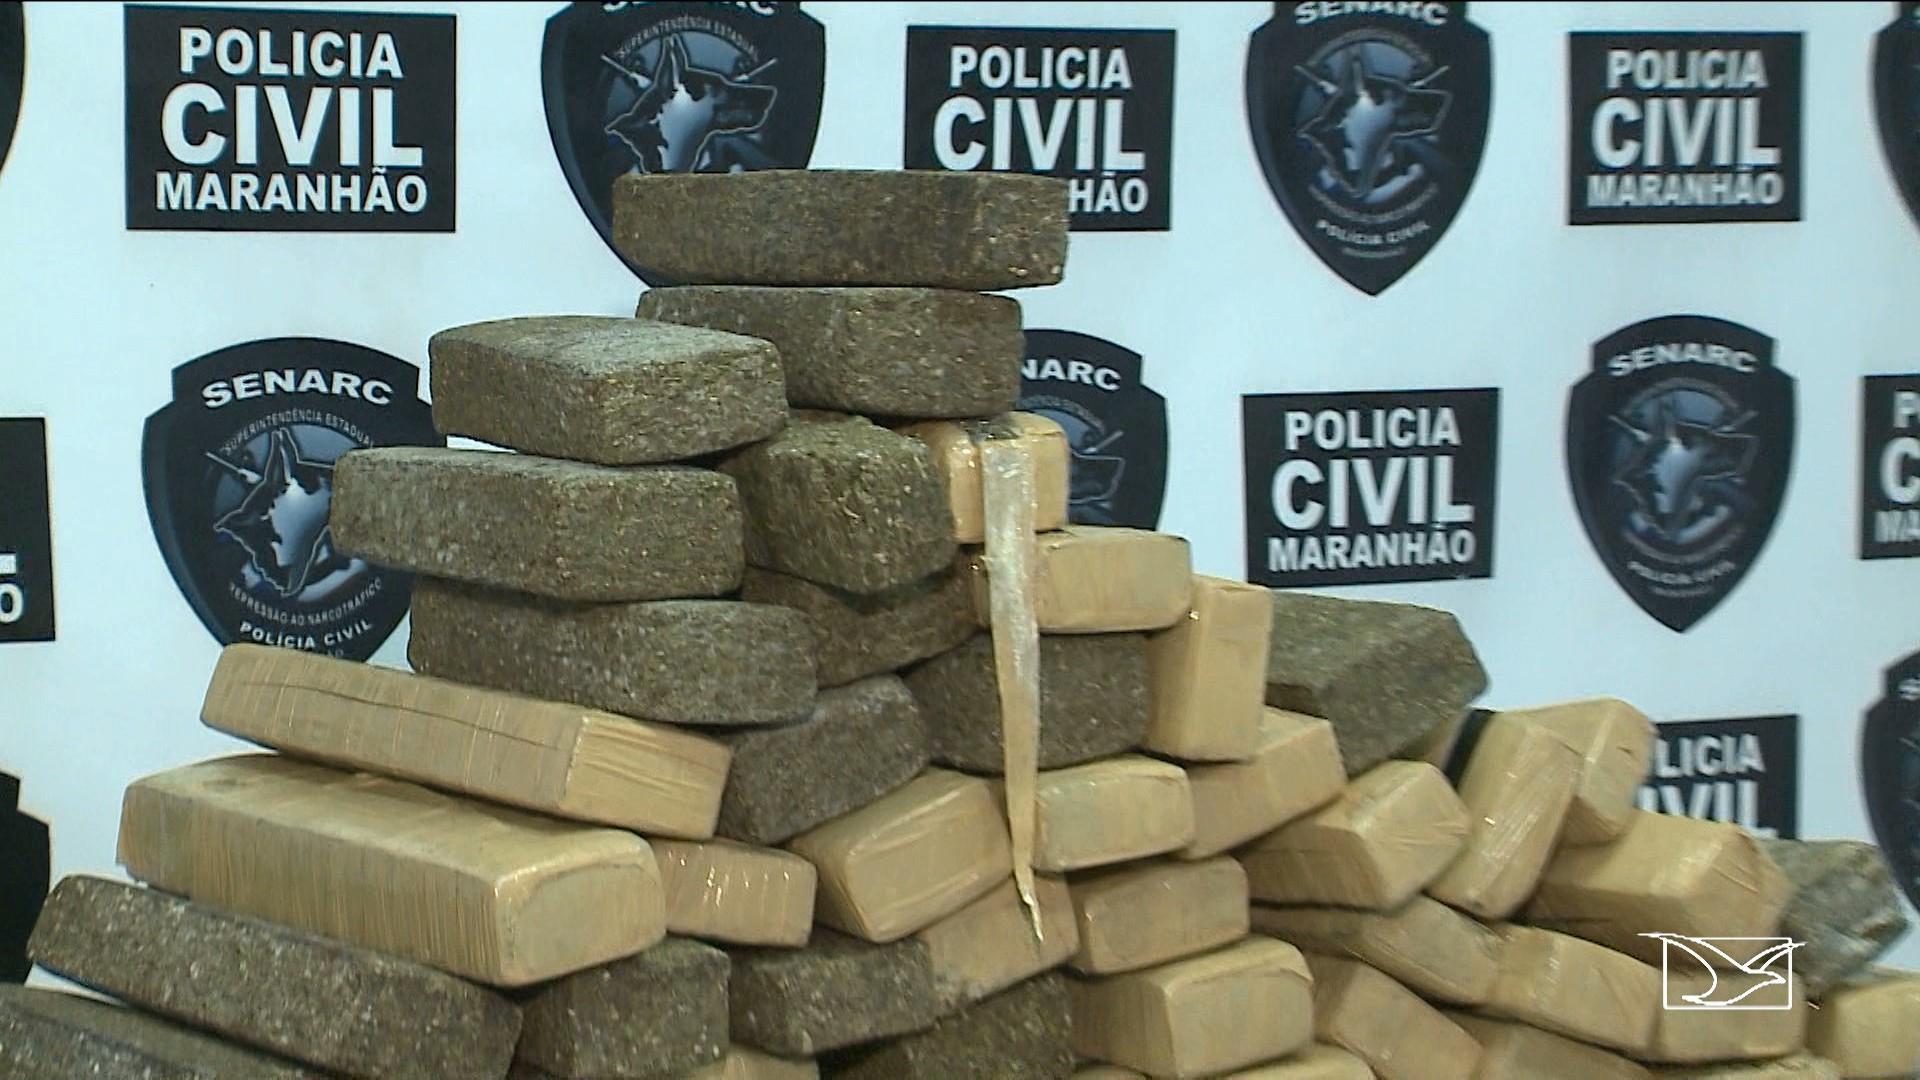 Dupla é presa com 180 quilos de maconha no Maranhão